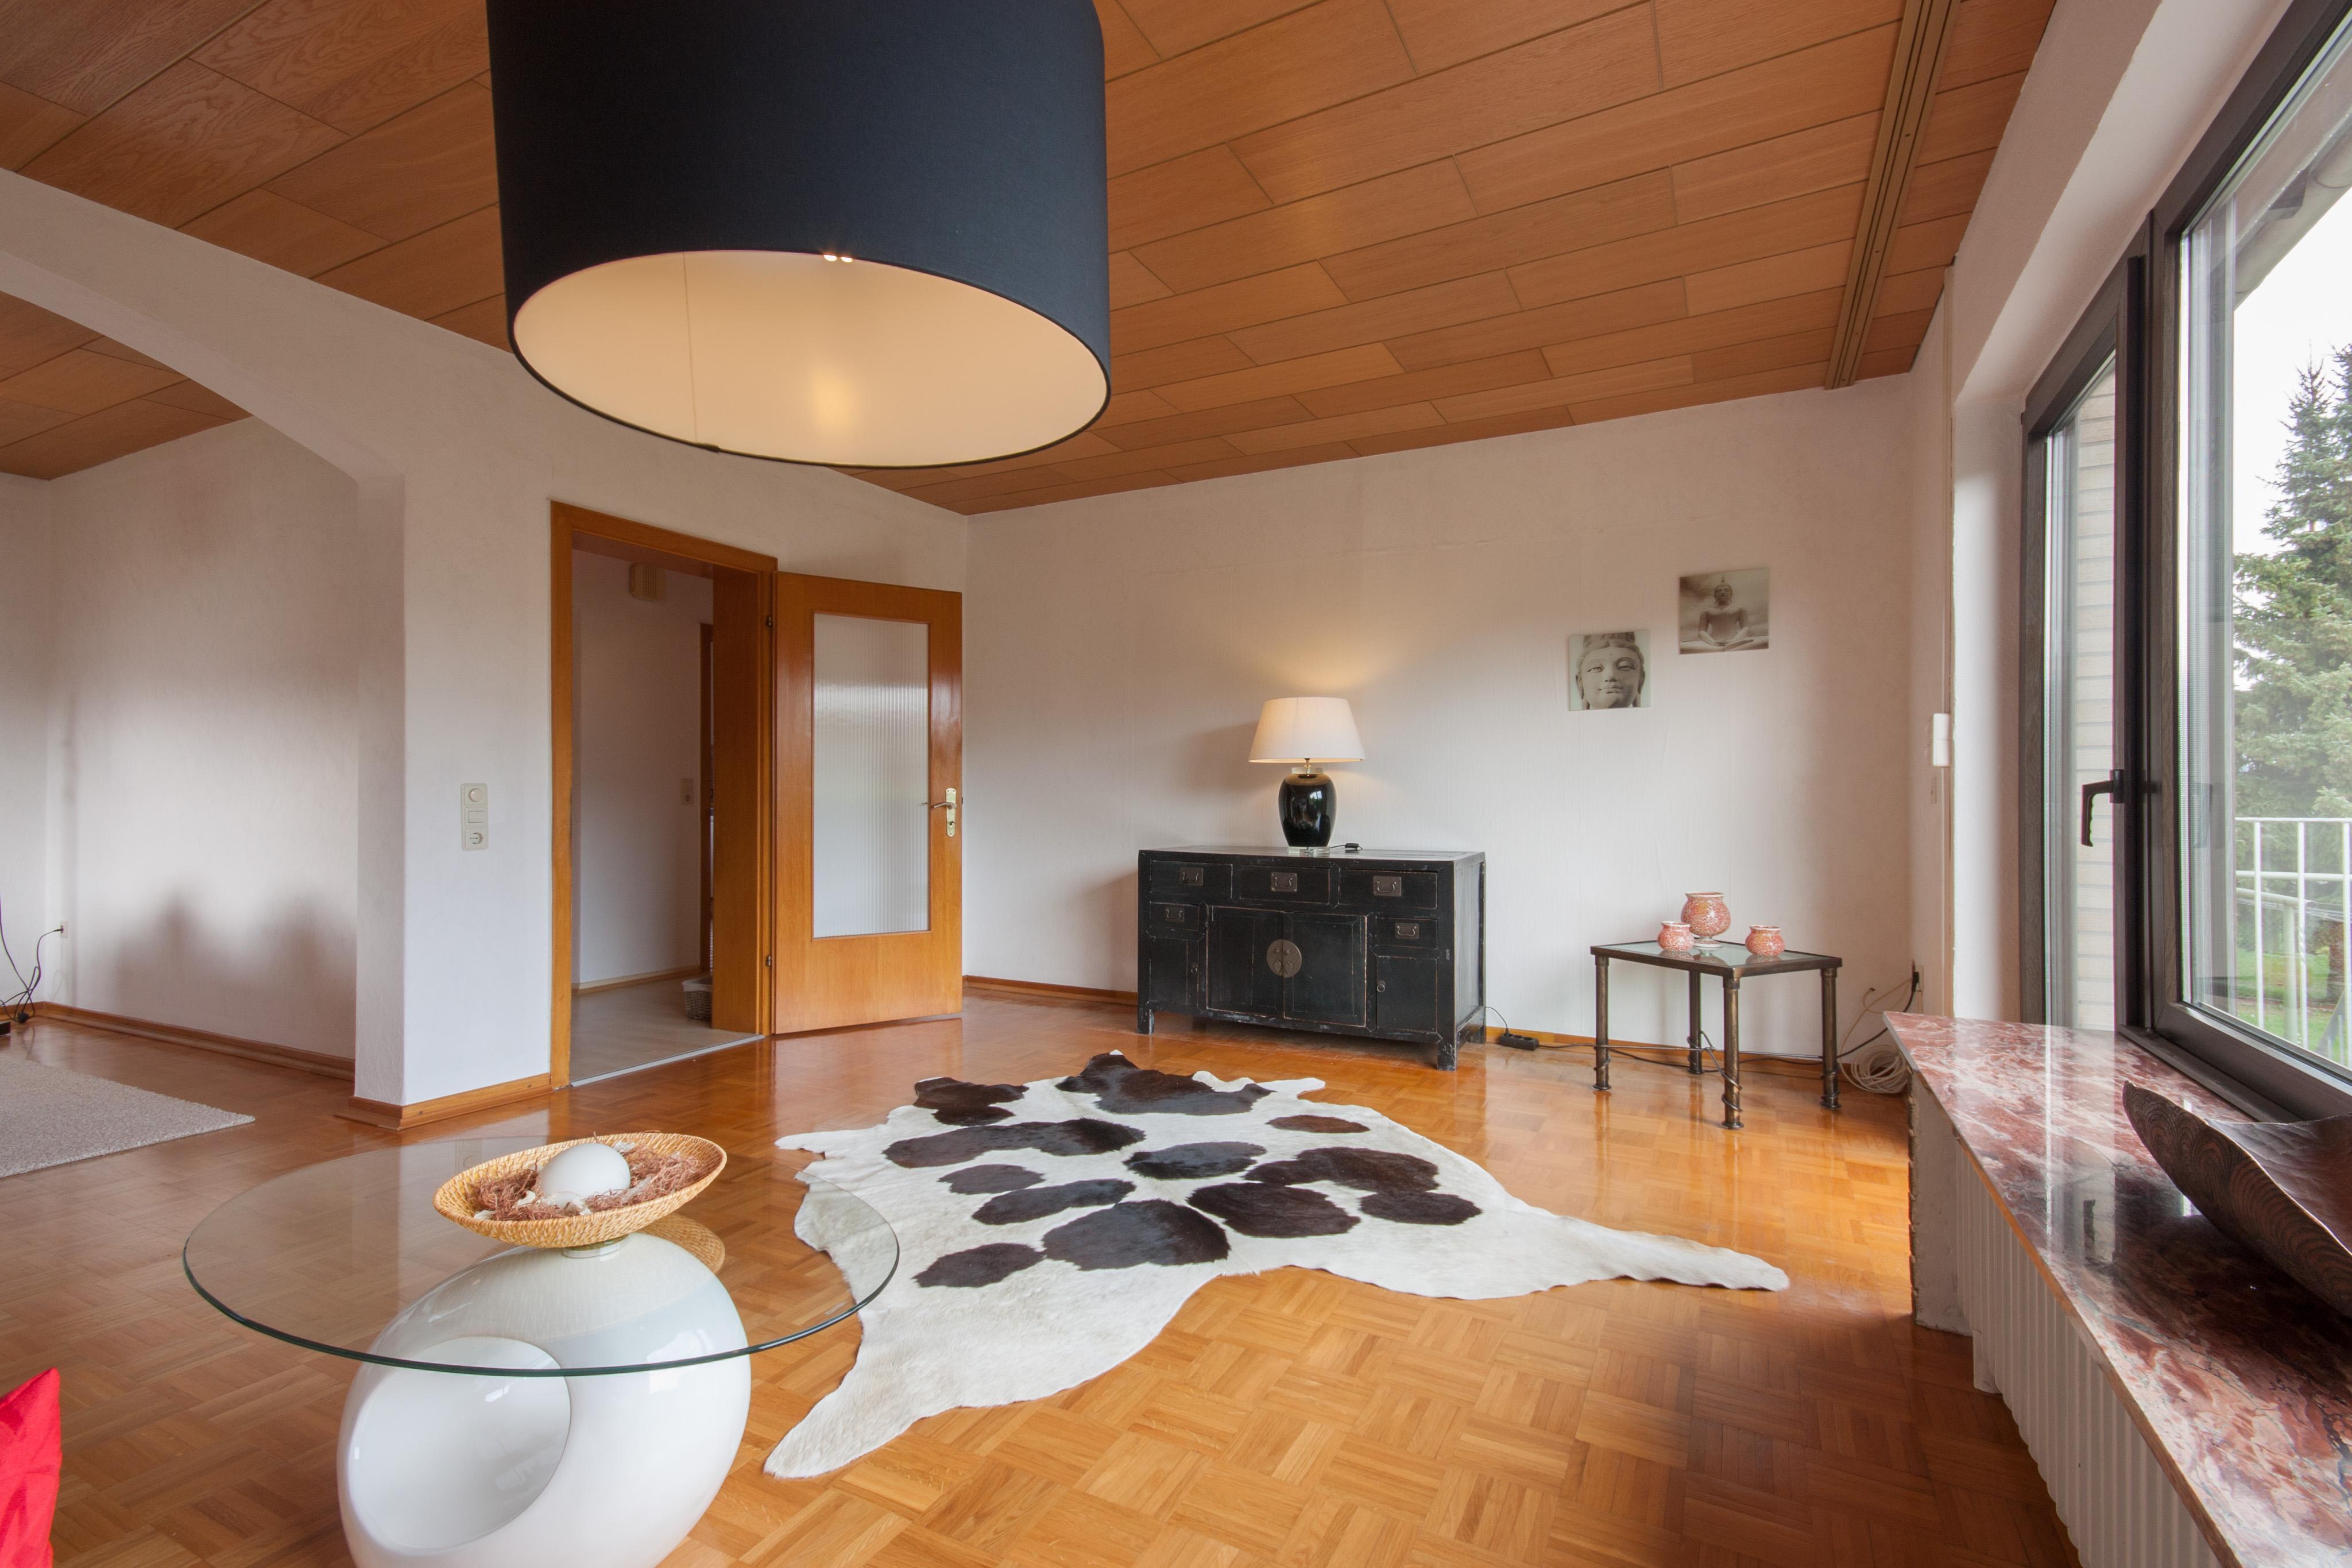 Wohnzimmer seite 104 o bilder ideen couchstyle for Holzdecken modern weiay